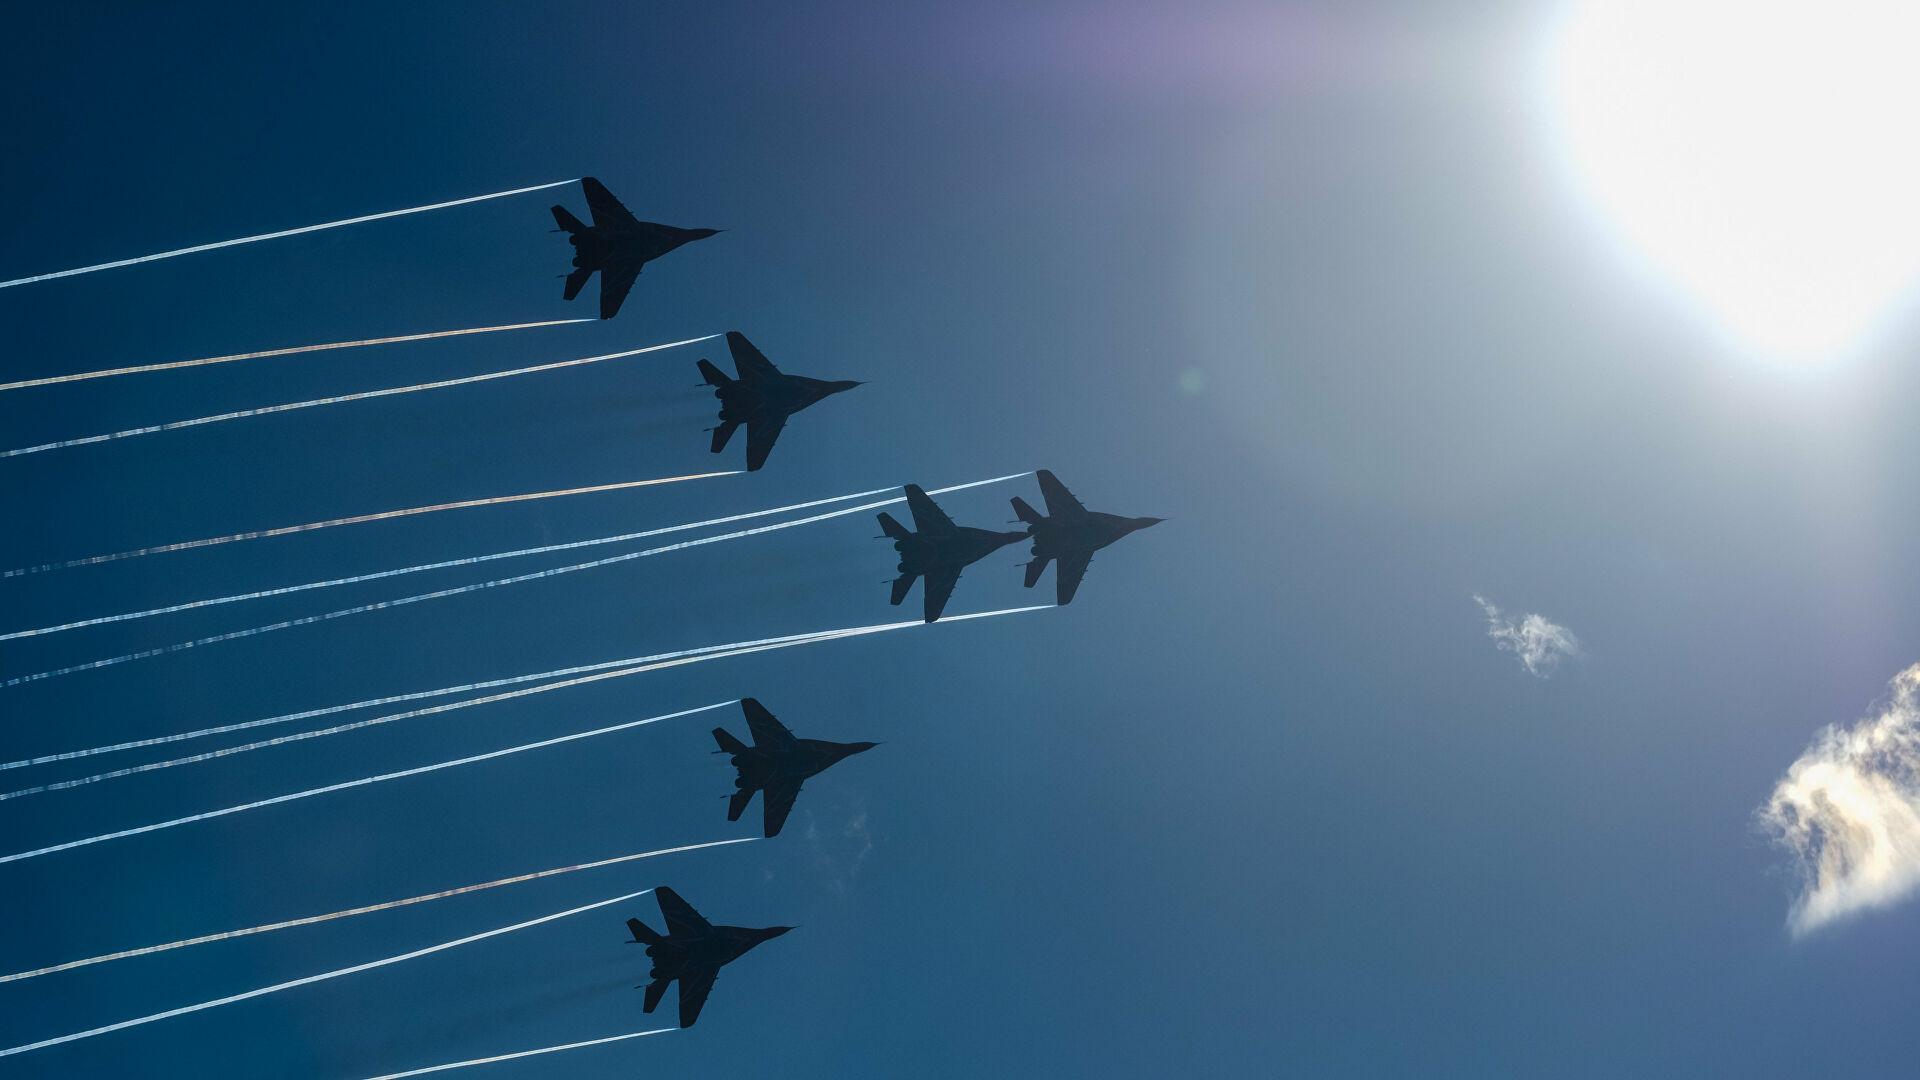 Амерички генерал: Украјини ће бити потребна помоћ у случају сукоба са Русијом